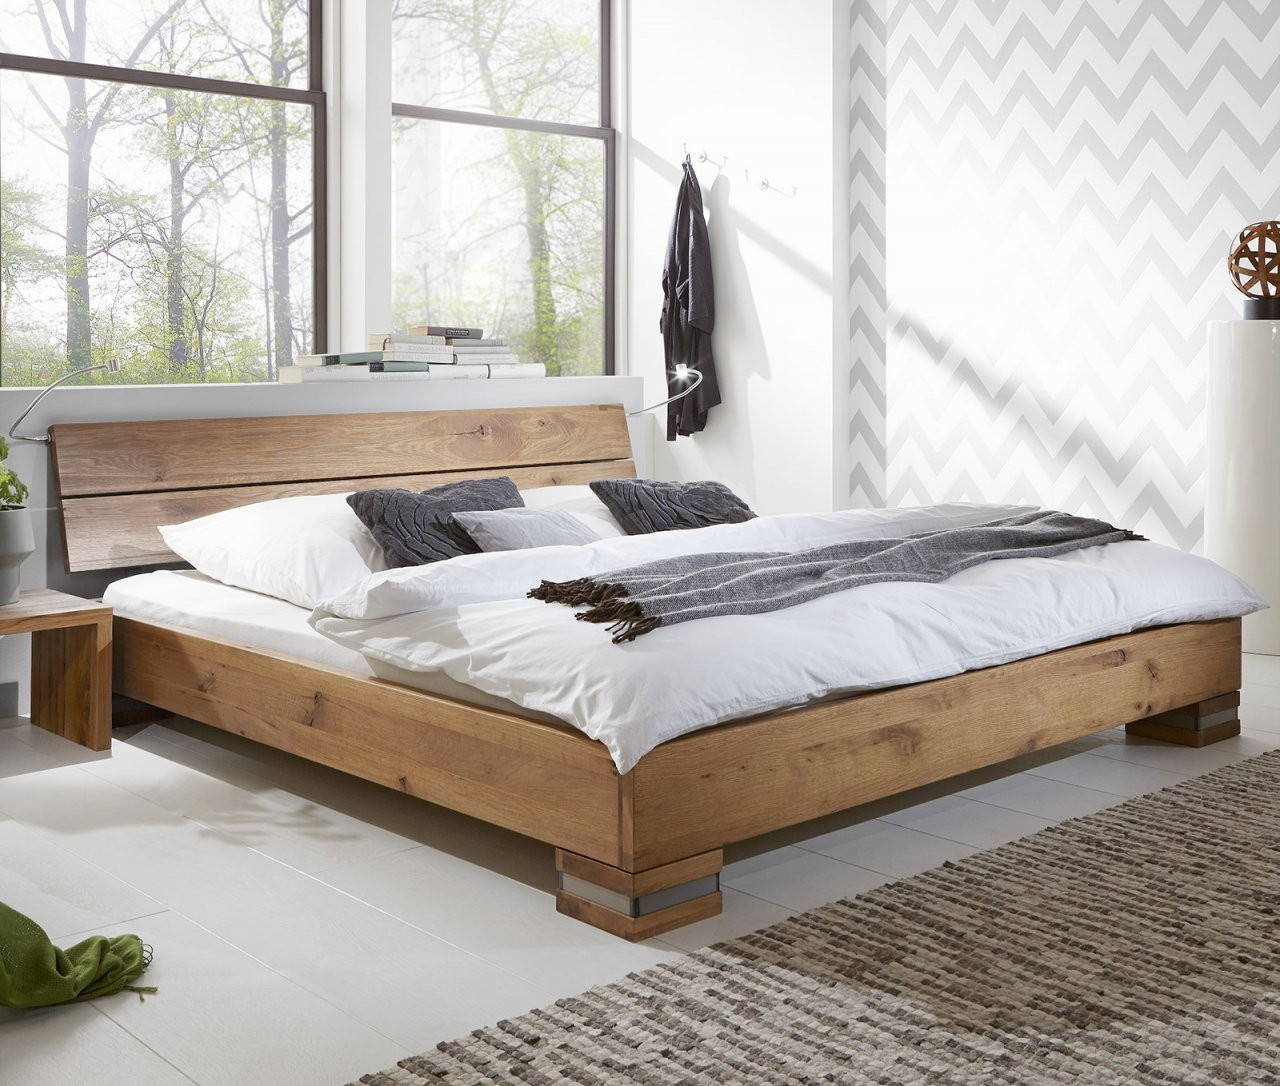 Massivholzbetten  Betten Aus Massivholz Günstig Kaufen von Bett Komplett Günstig Kaufen Bild